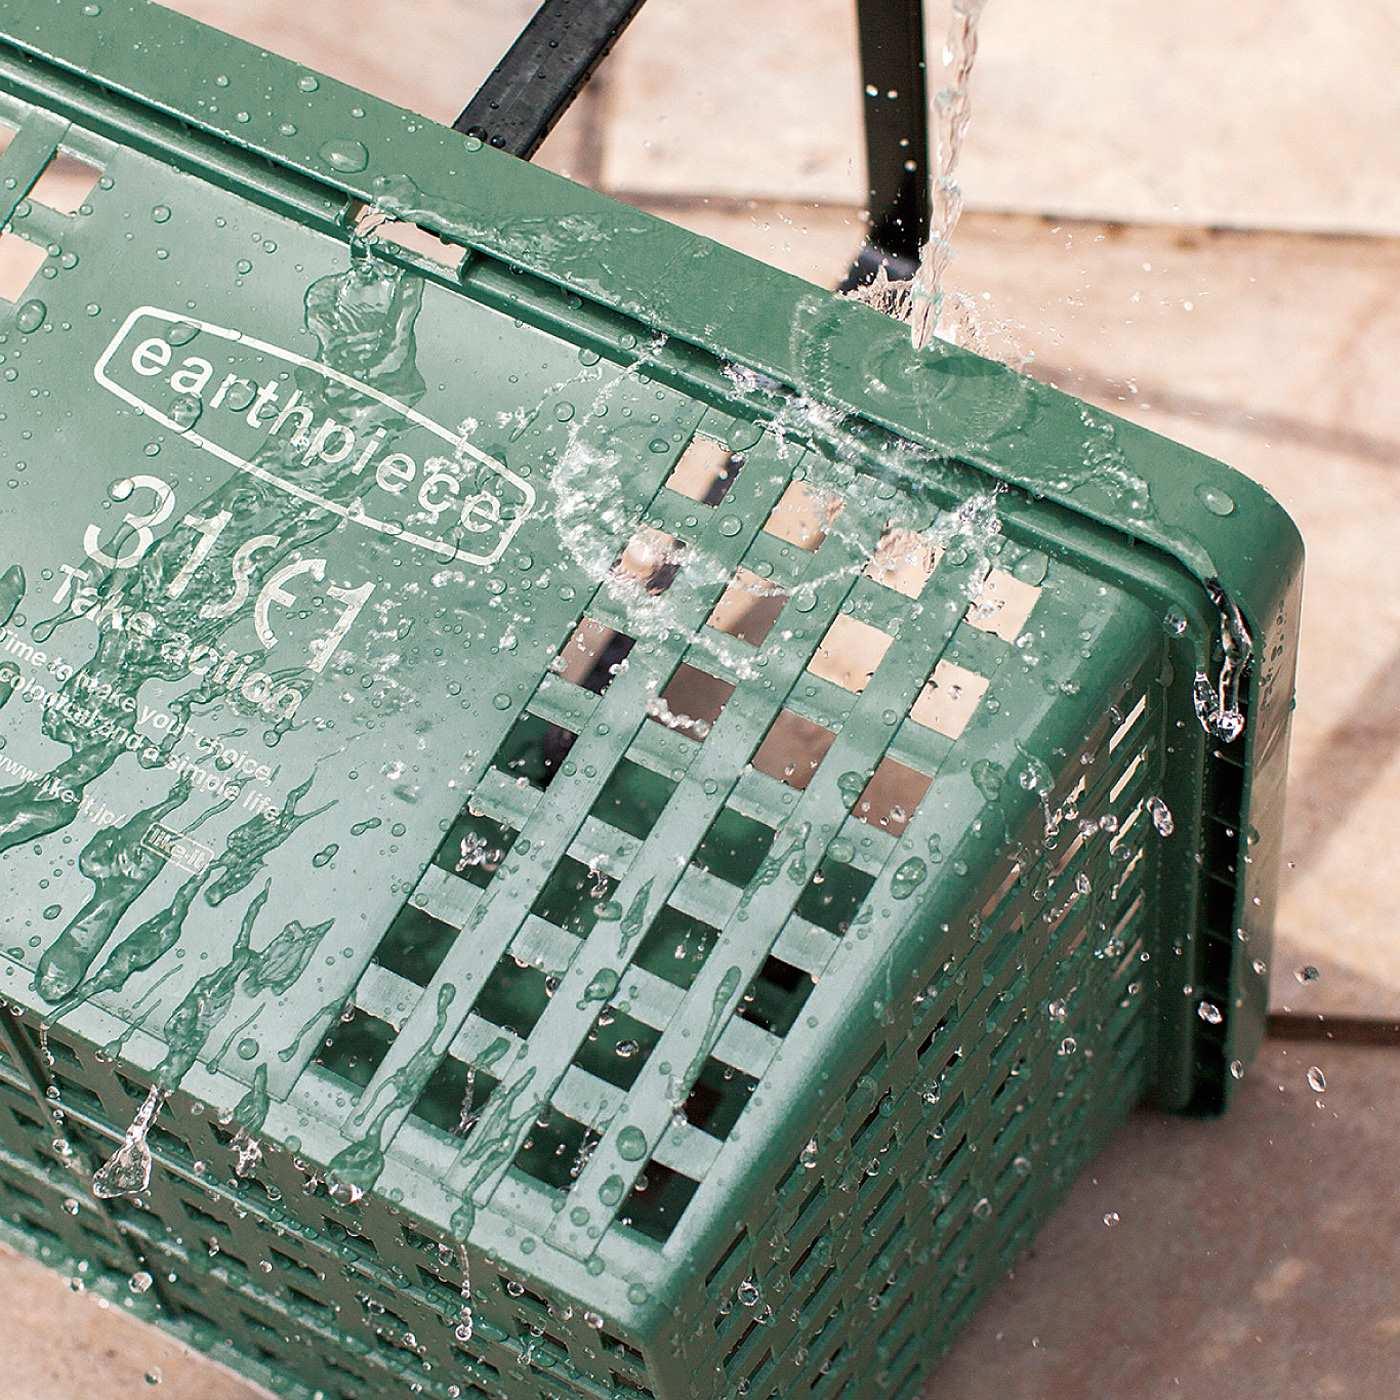 汚れても丸洗いできる樹脂製。キャンプなどアウトドアでの使用も便利。